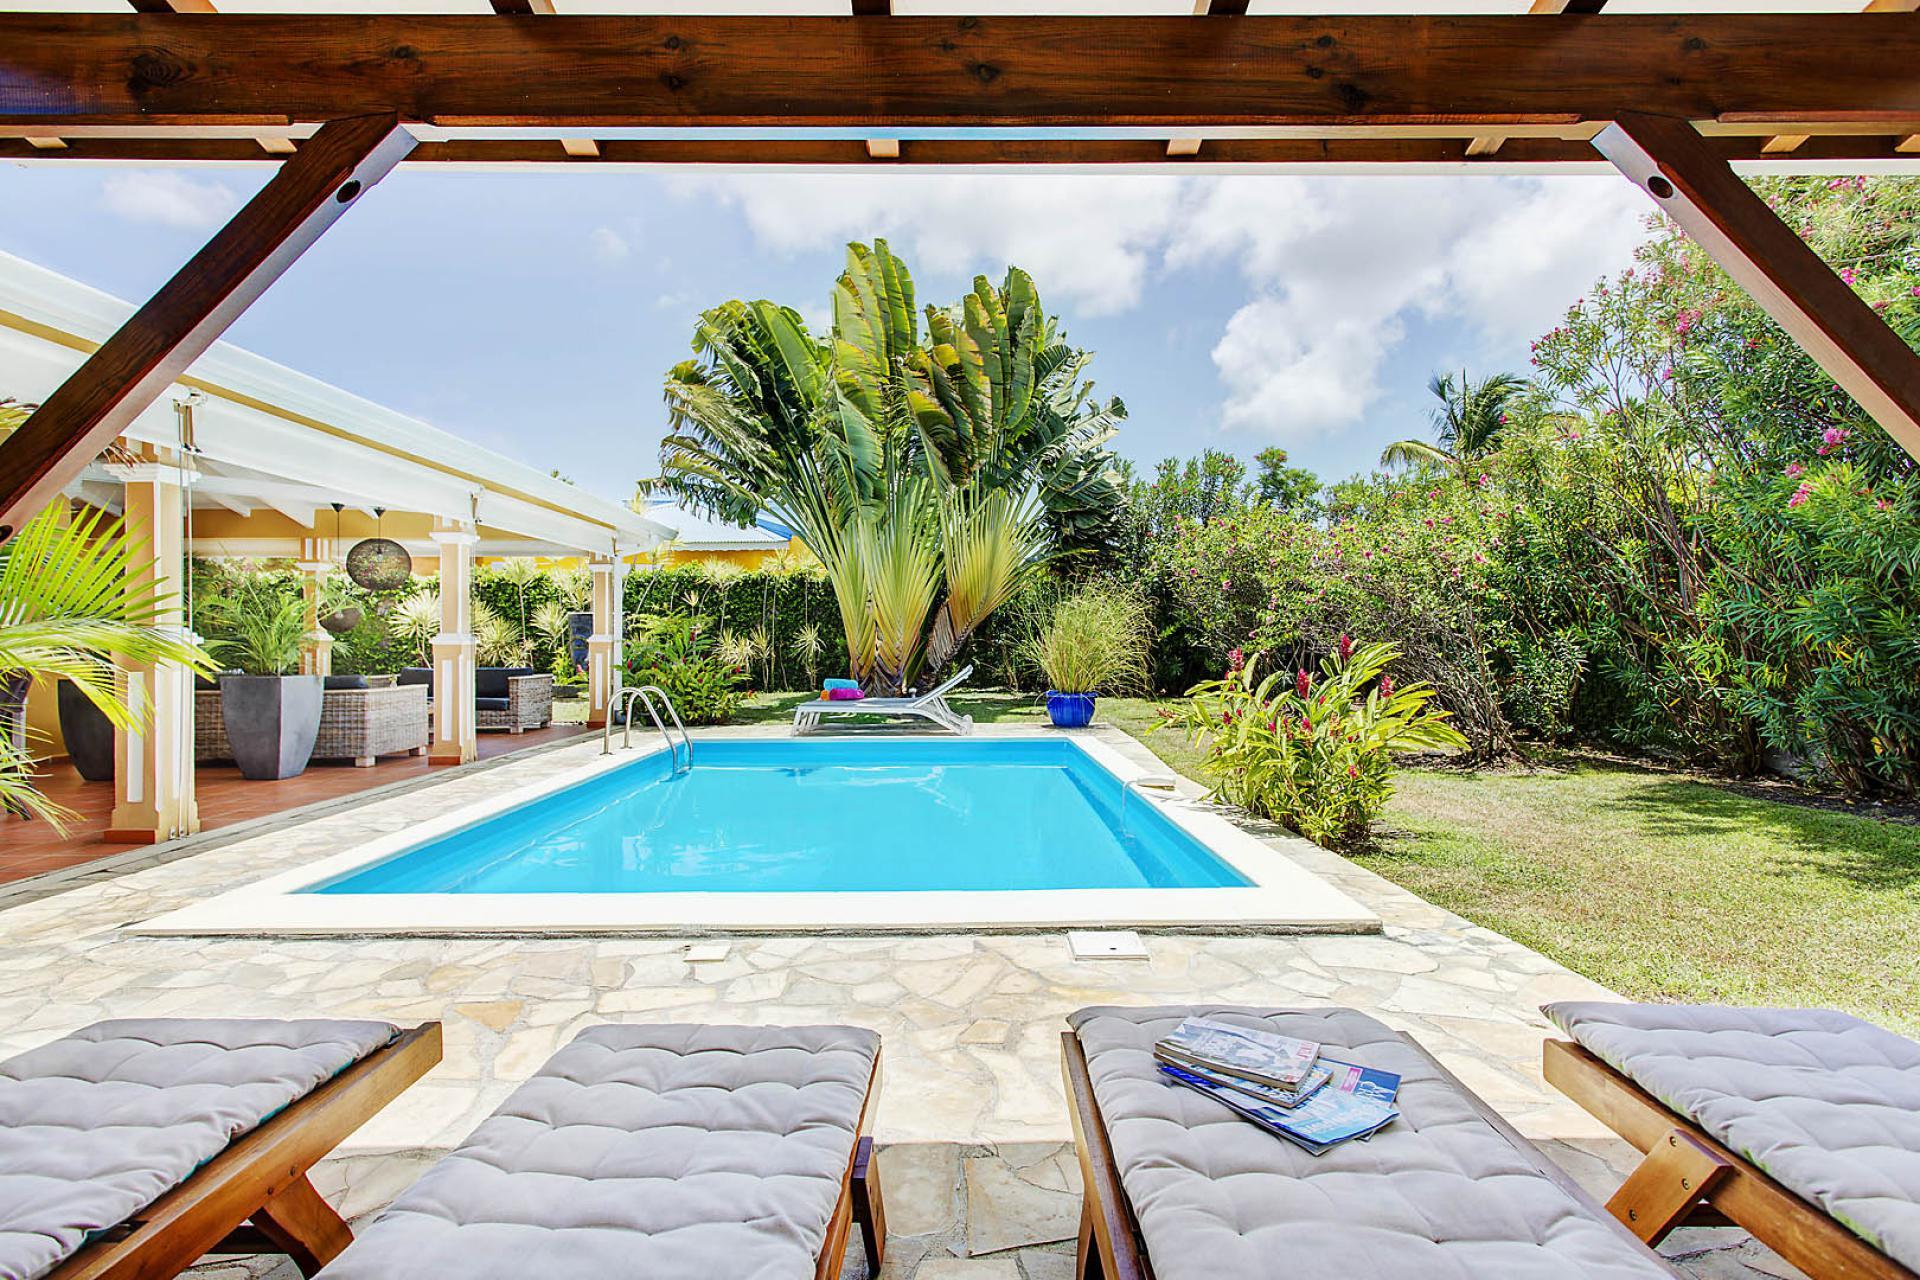 Location Guadeloupe - Villa De Standing Avec Piscine destiné Piscine Saint Francois